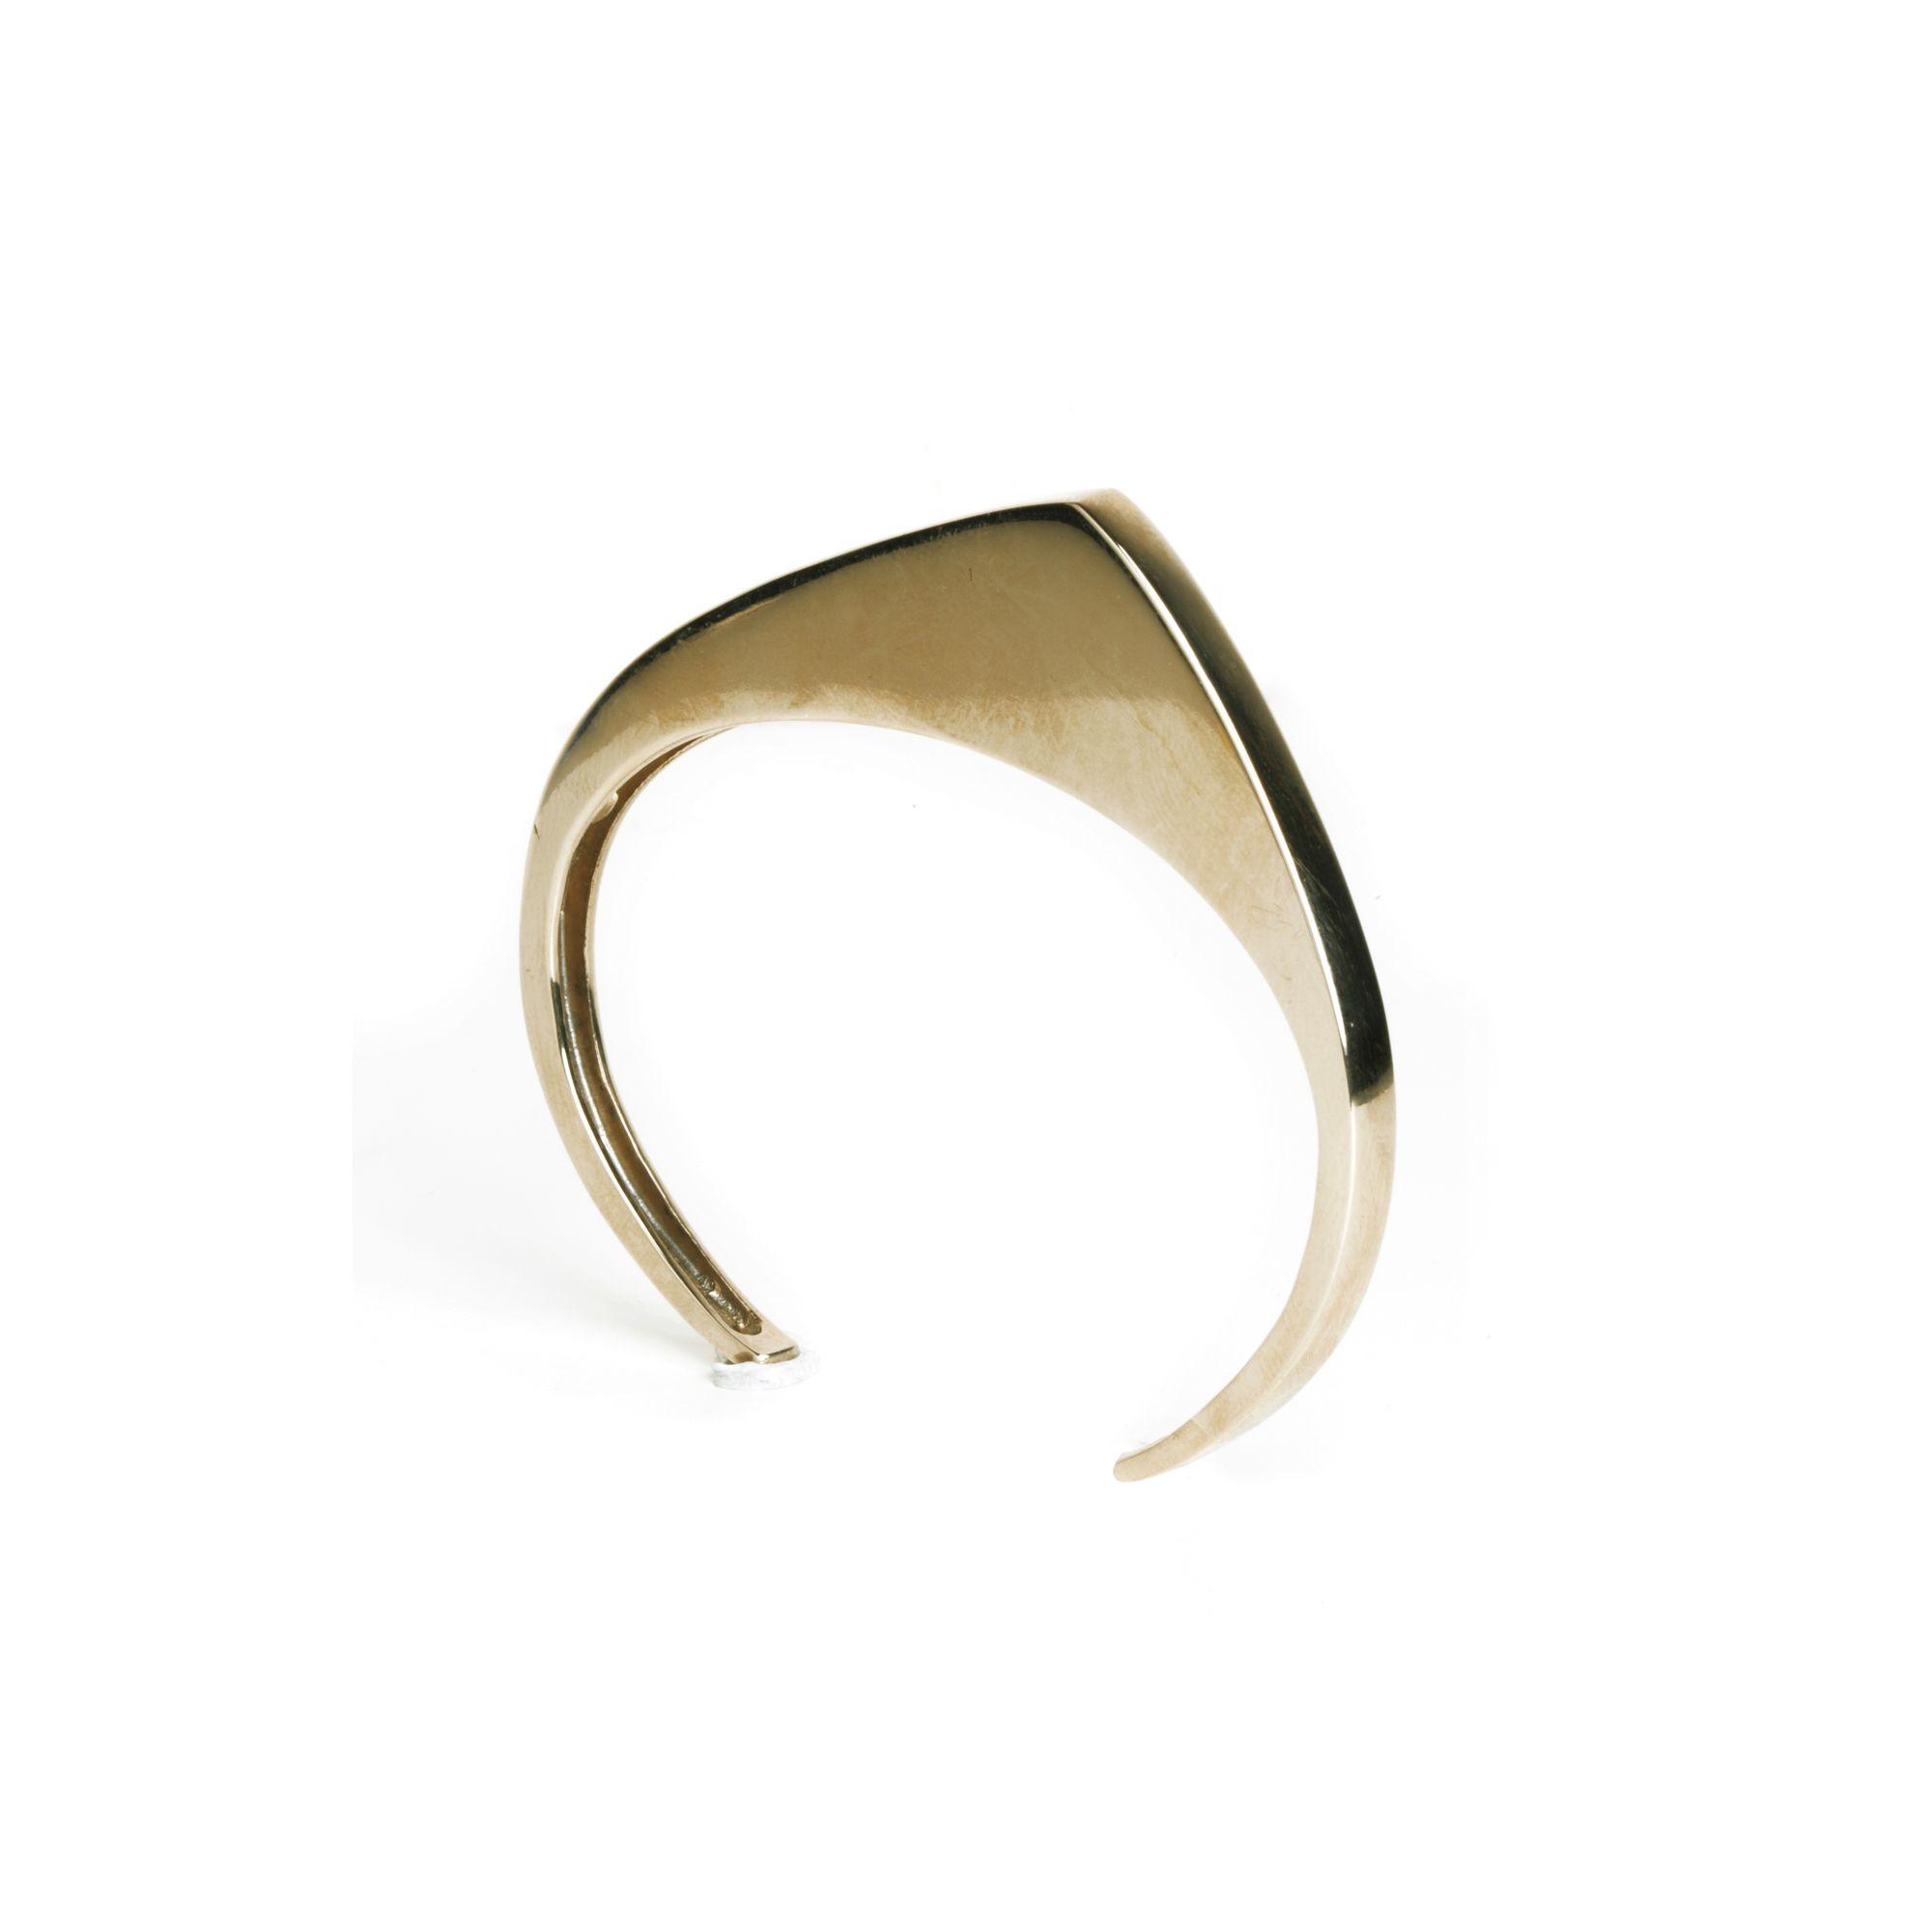 1 element 'Congiunzioni' bracelet Bronze bracelet